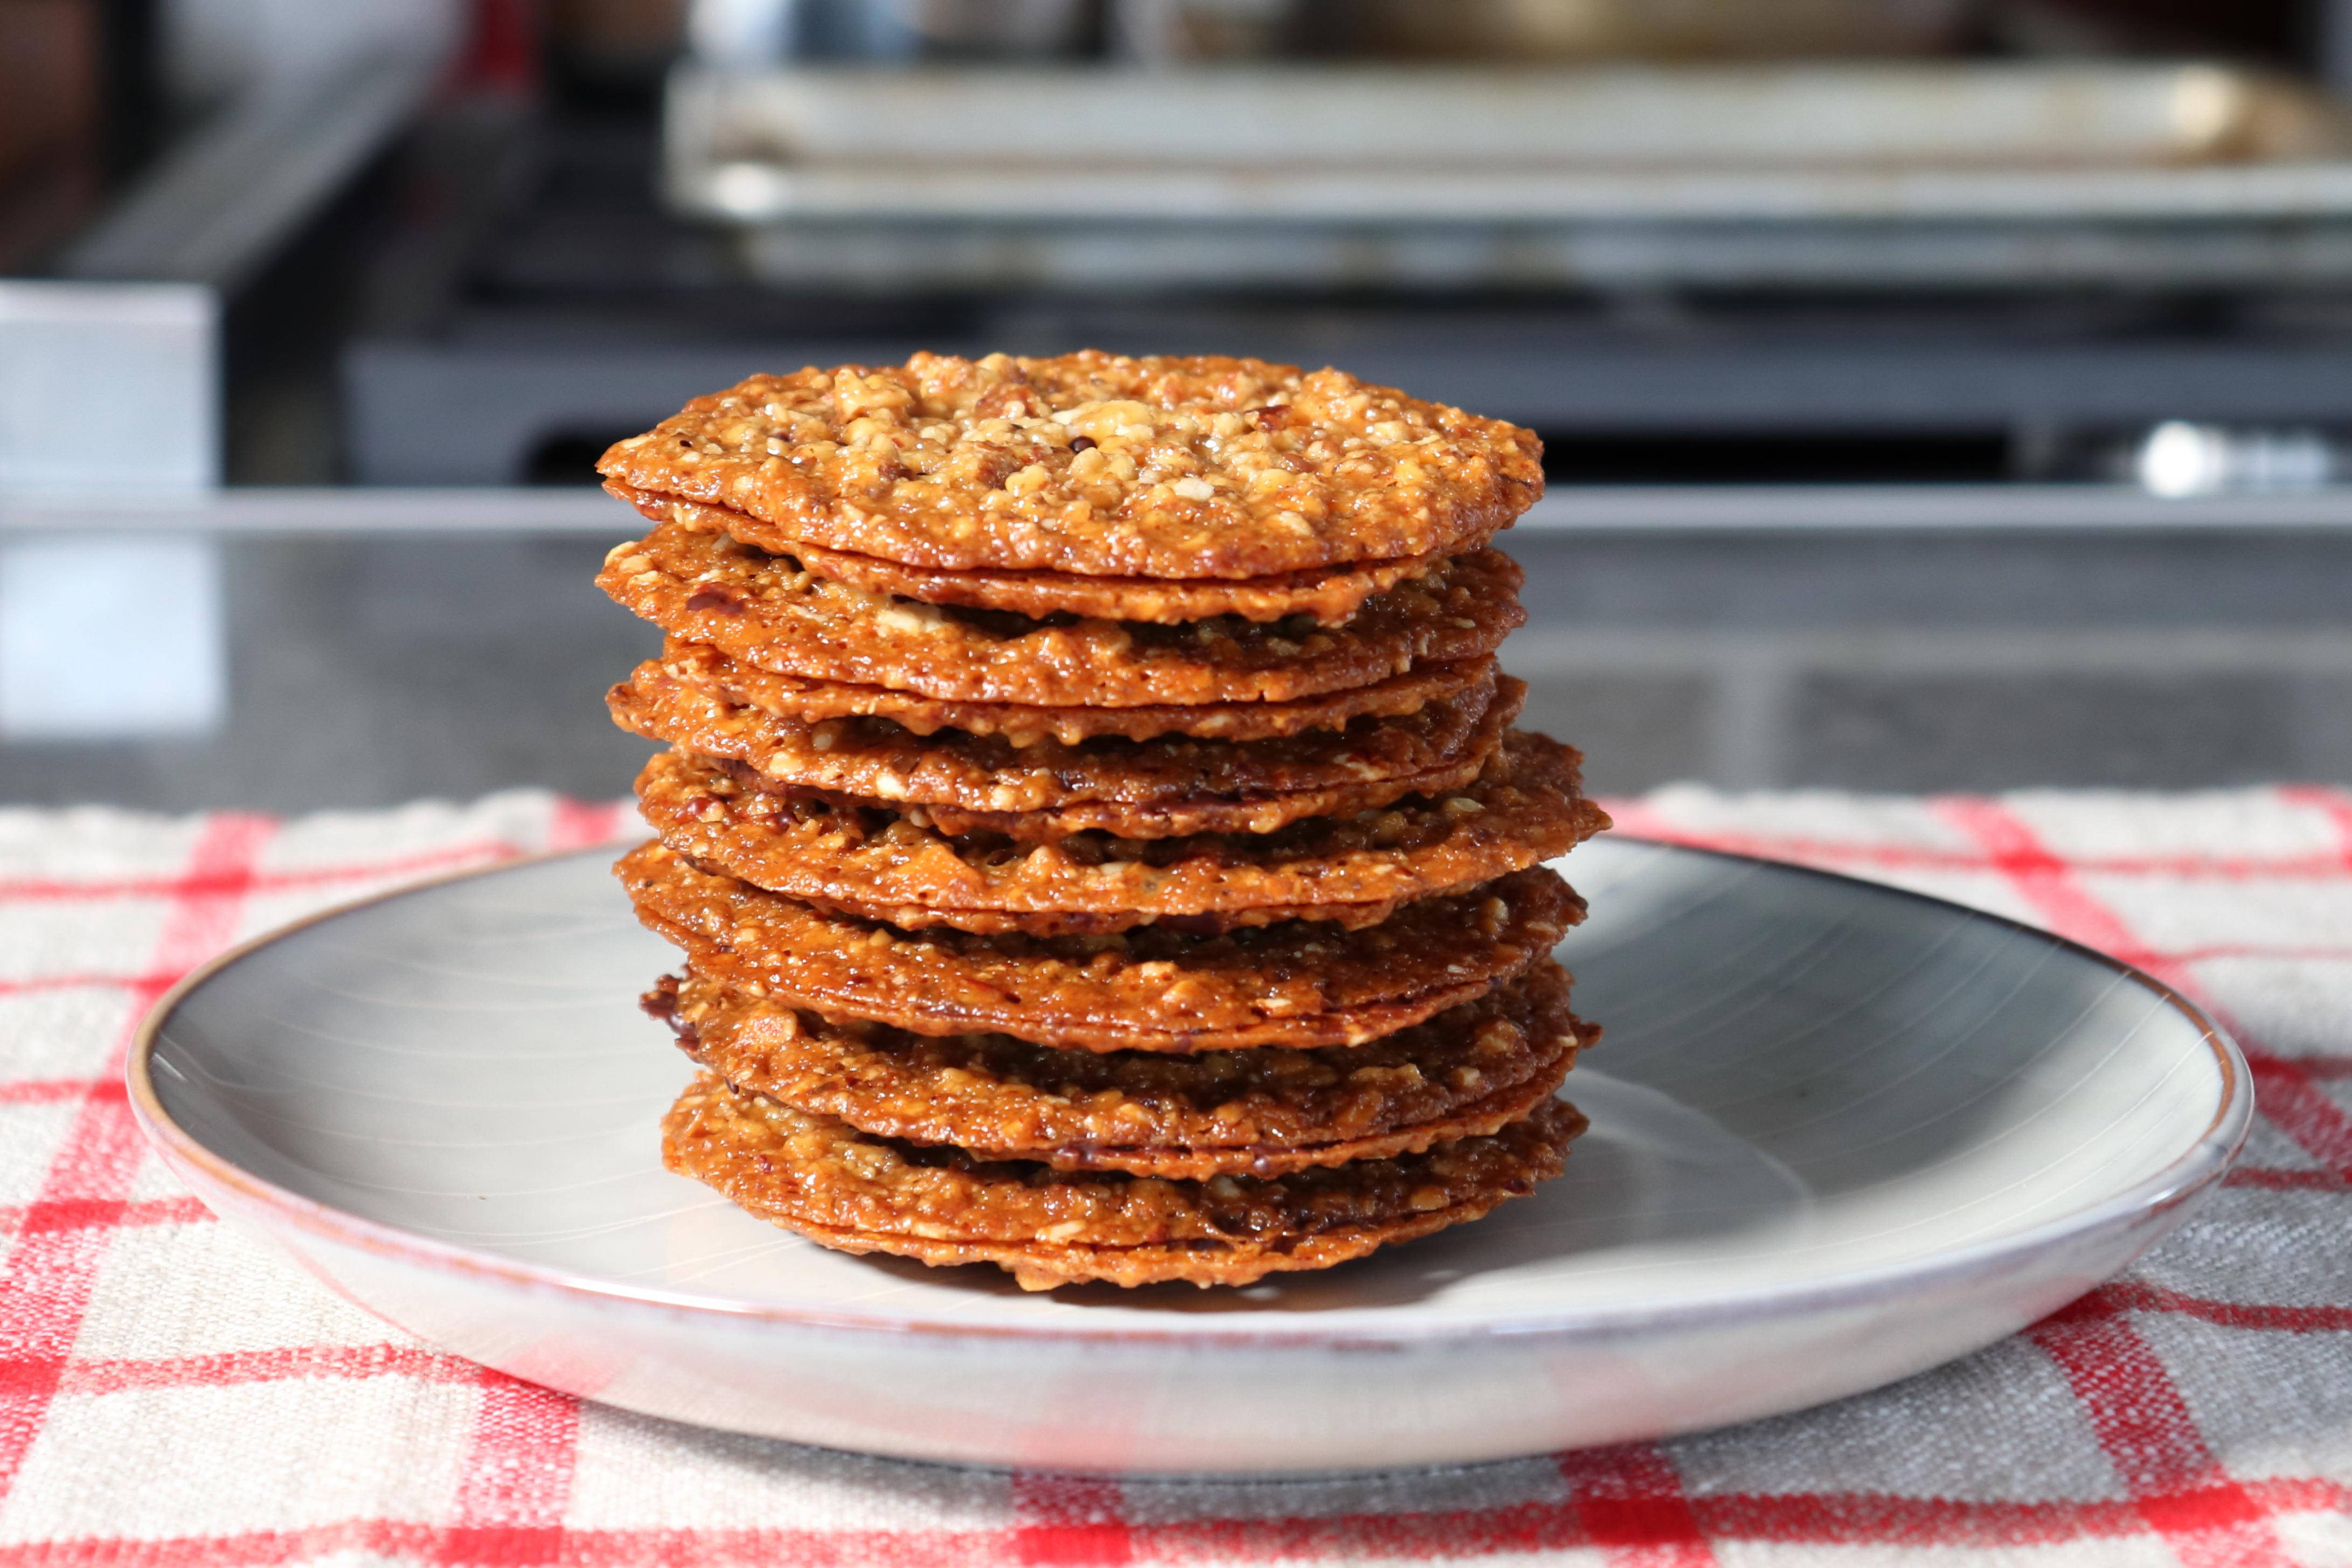 Lace Cookies (Florentine Cookies)